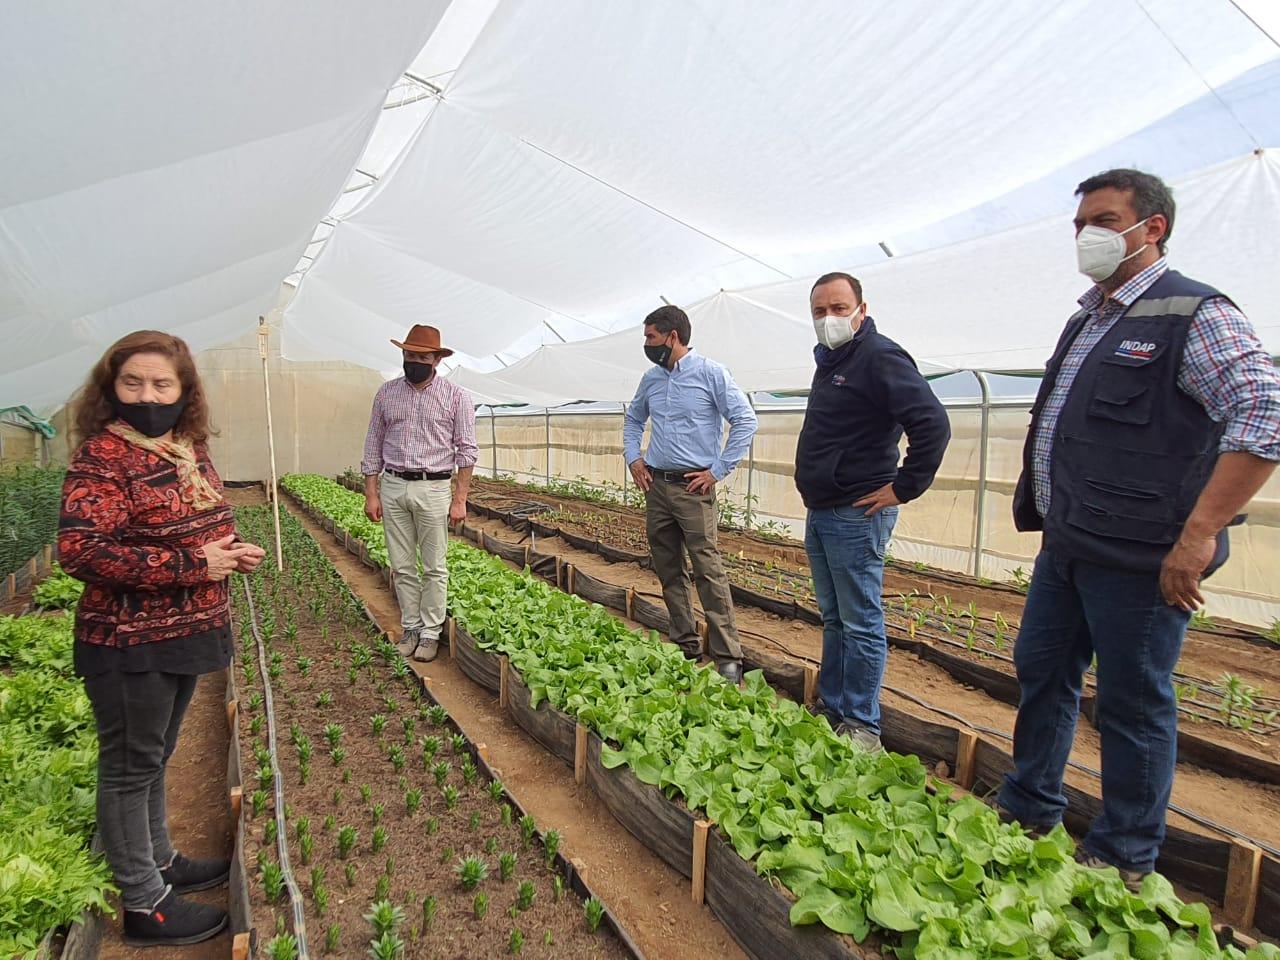 Seremi de Agricultura destacó trabajo asociativo de floristas de Río Claro